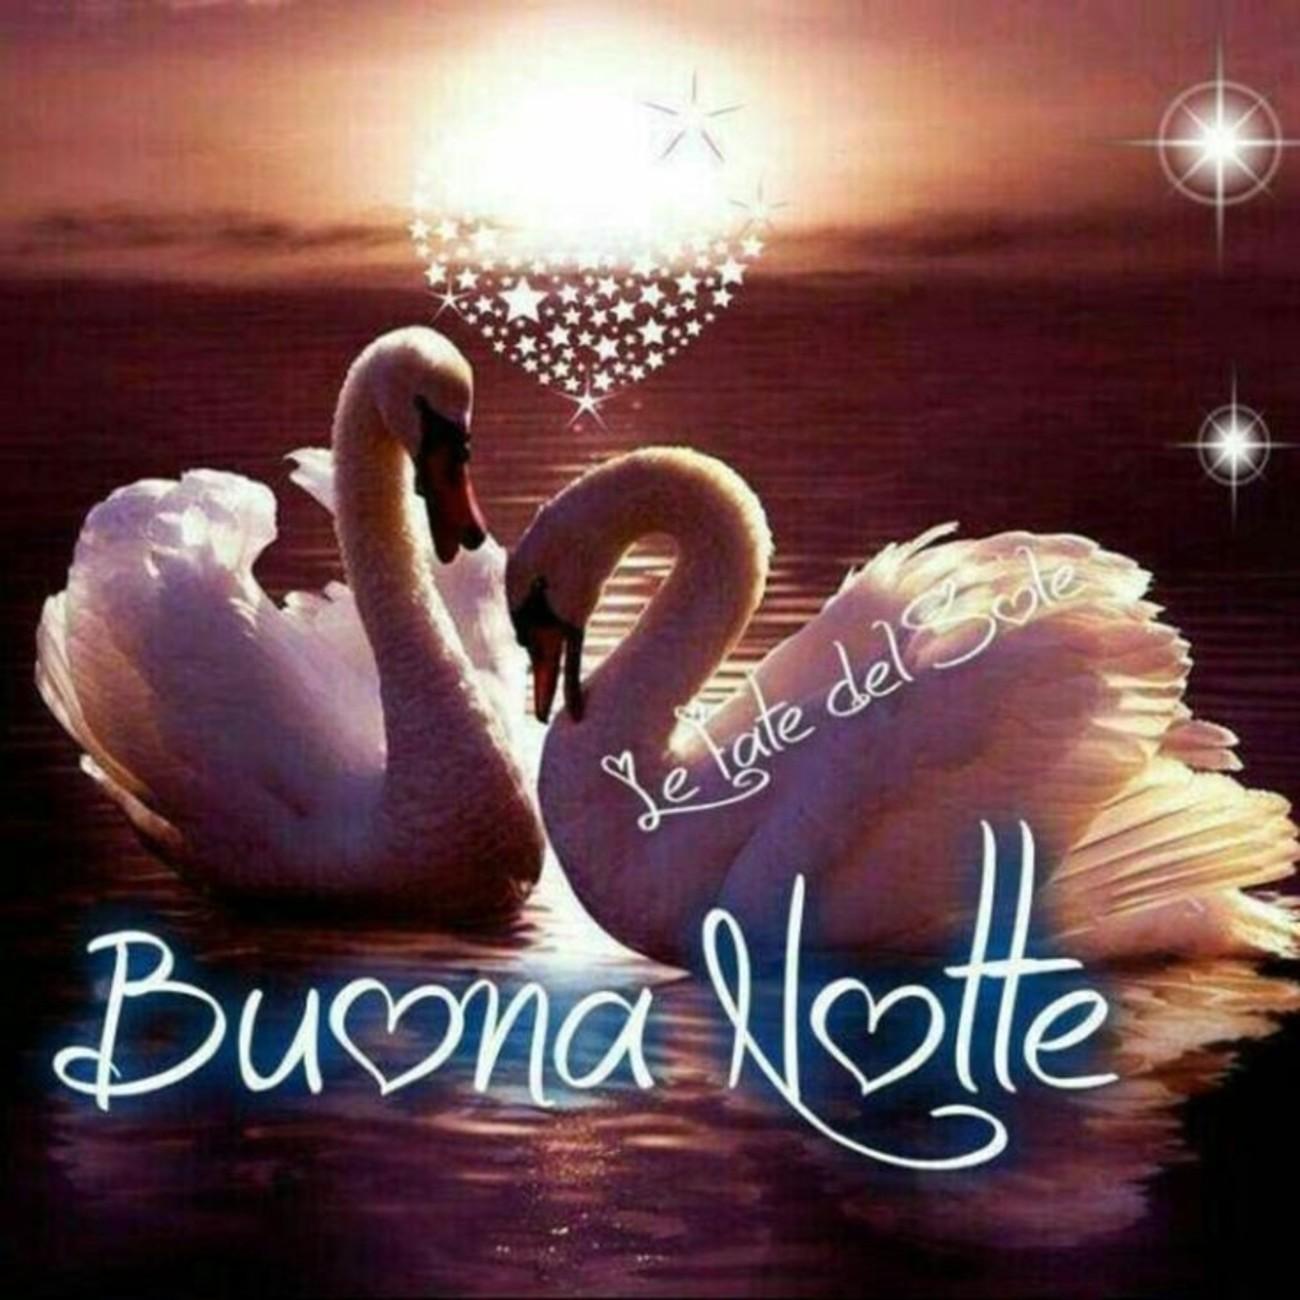 Buonanotte Amore Mio 3 Buongiornoate It